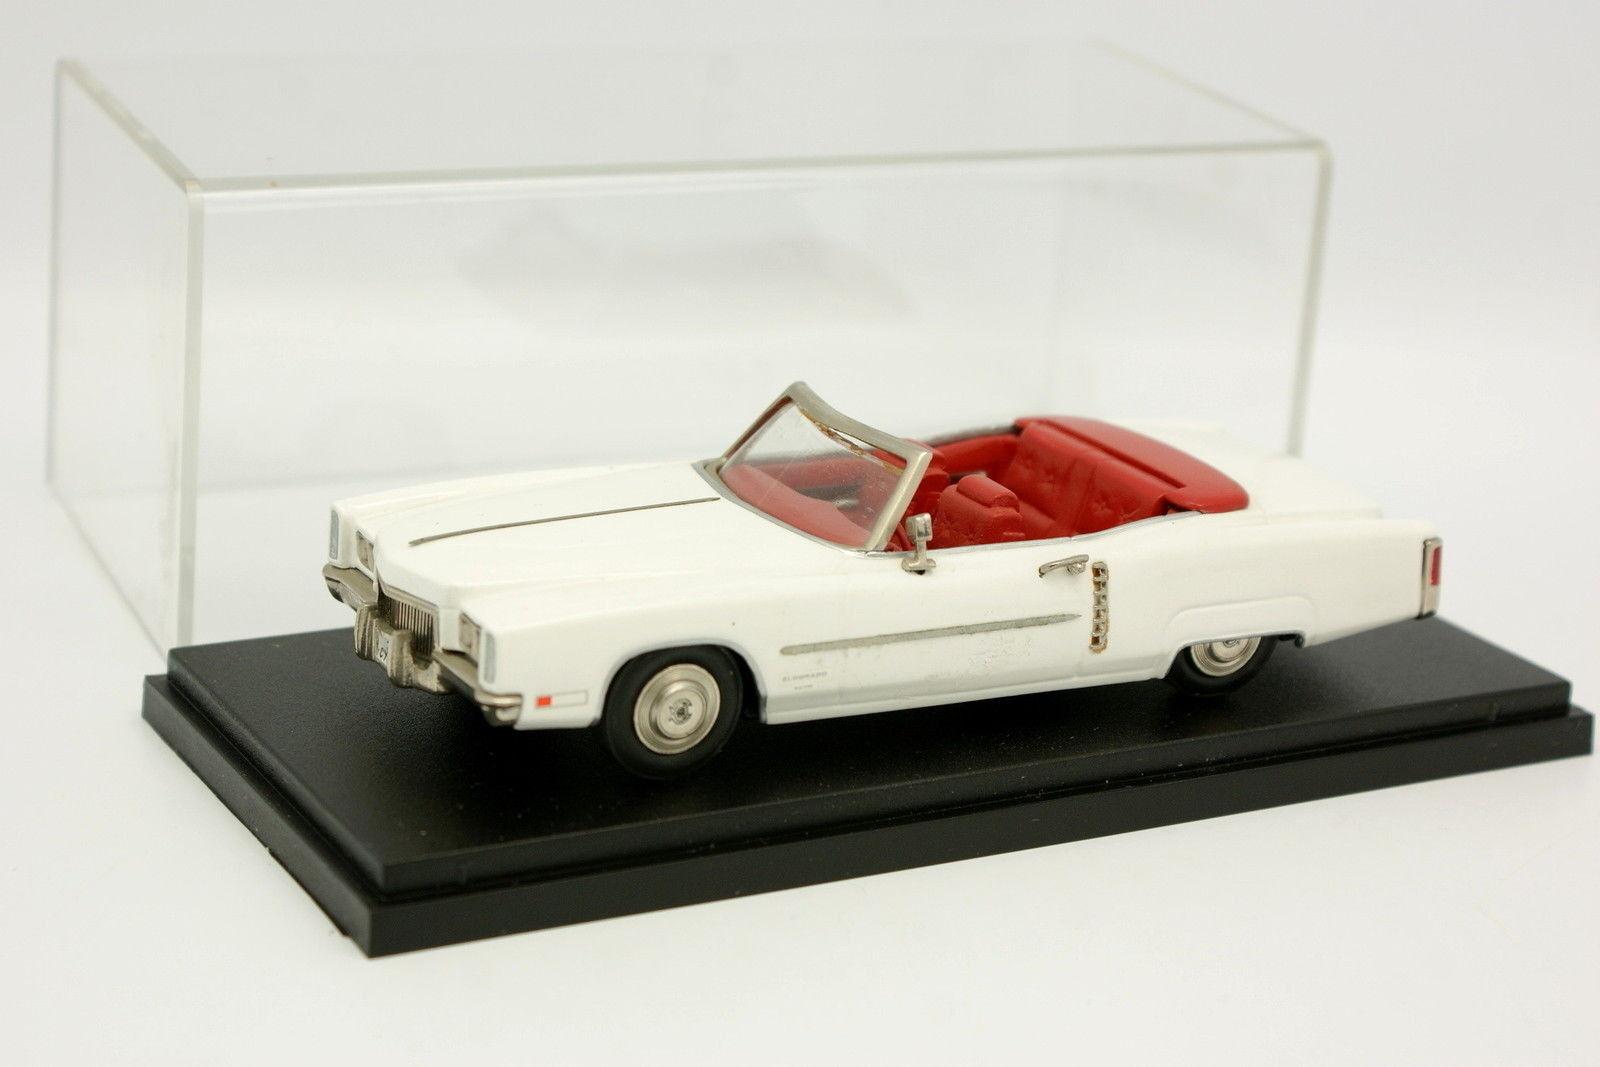 AMR Kit Montado 1 43 - Cadillac El dorado biancao